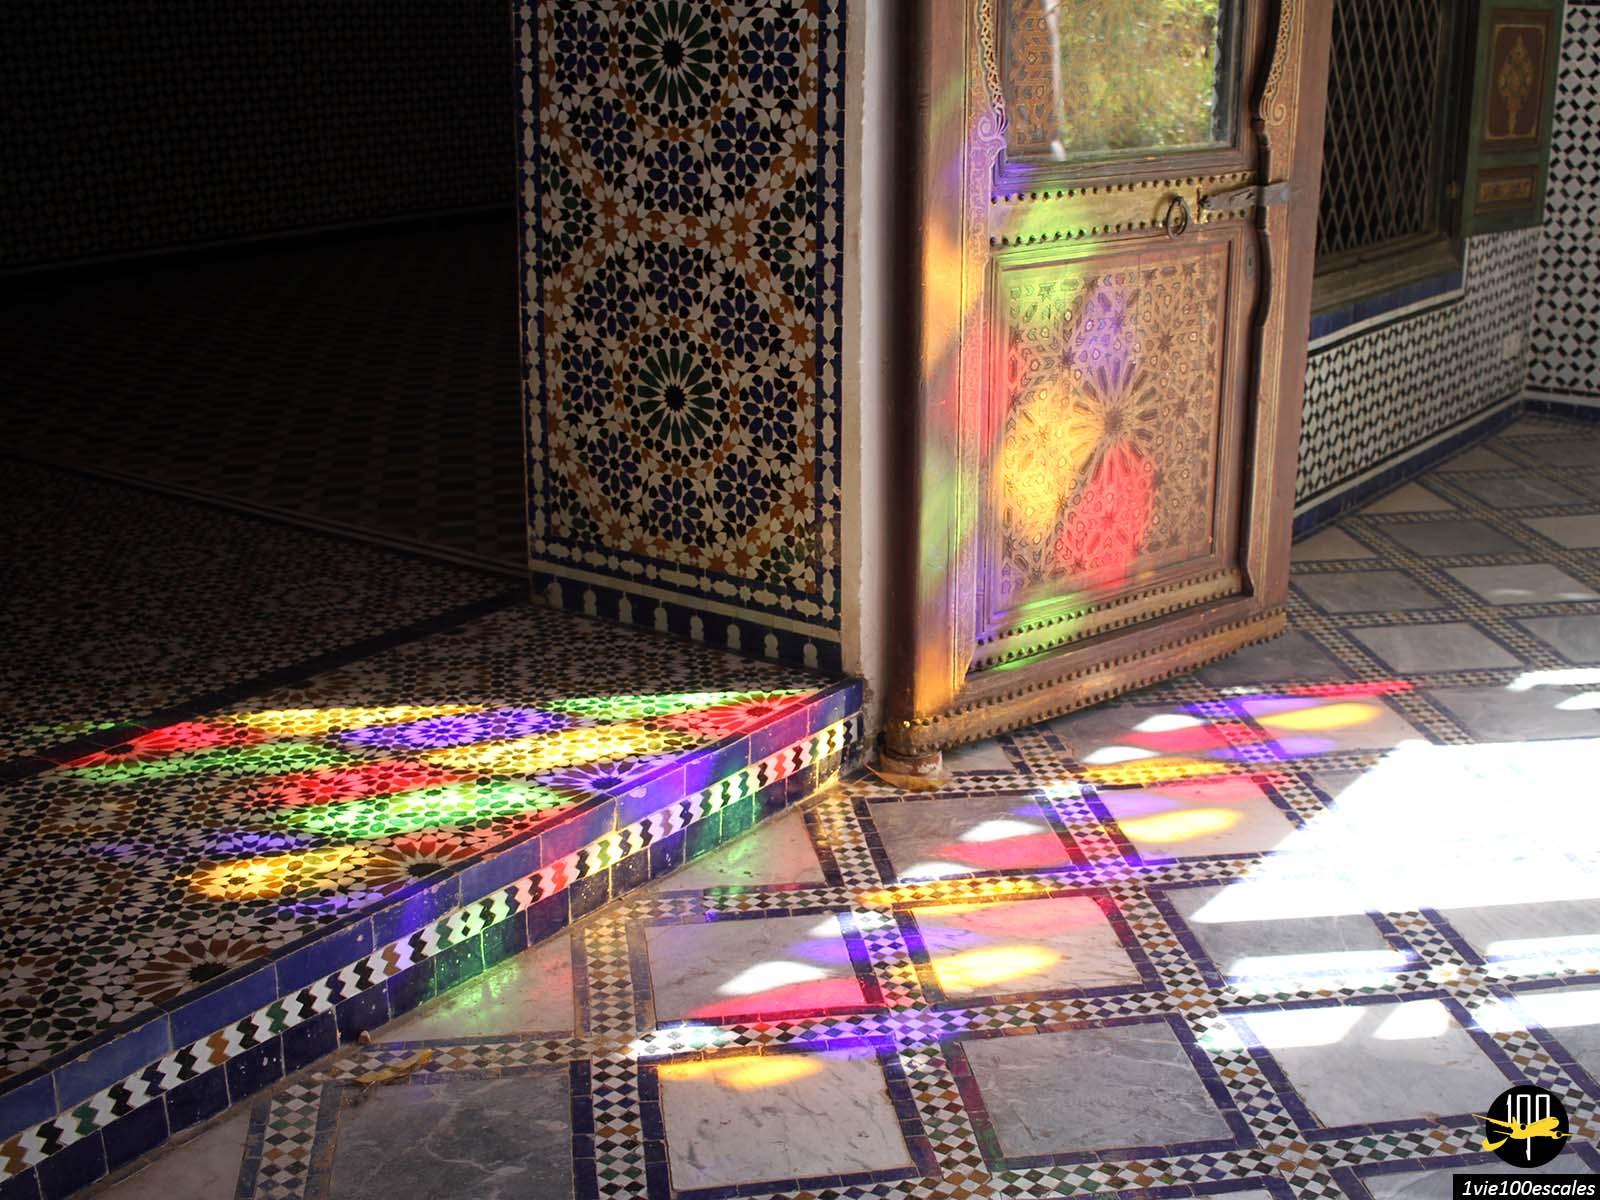 Les reflets colorés des vitraux du palais bahia à Marrakech